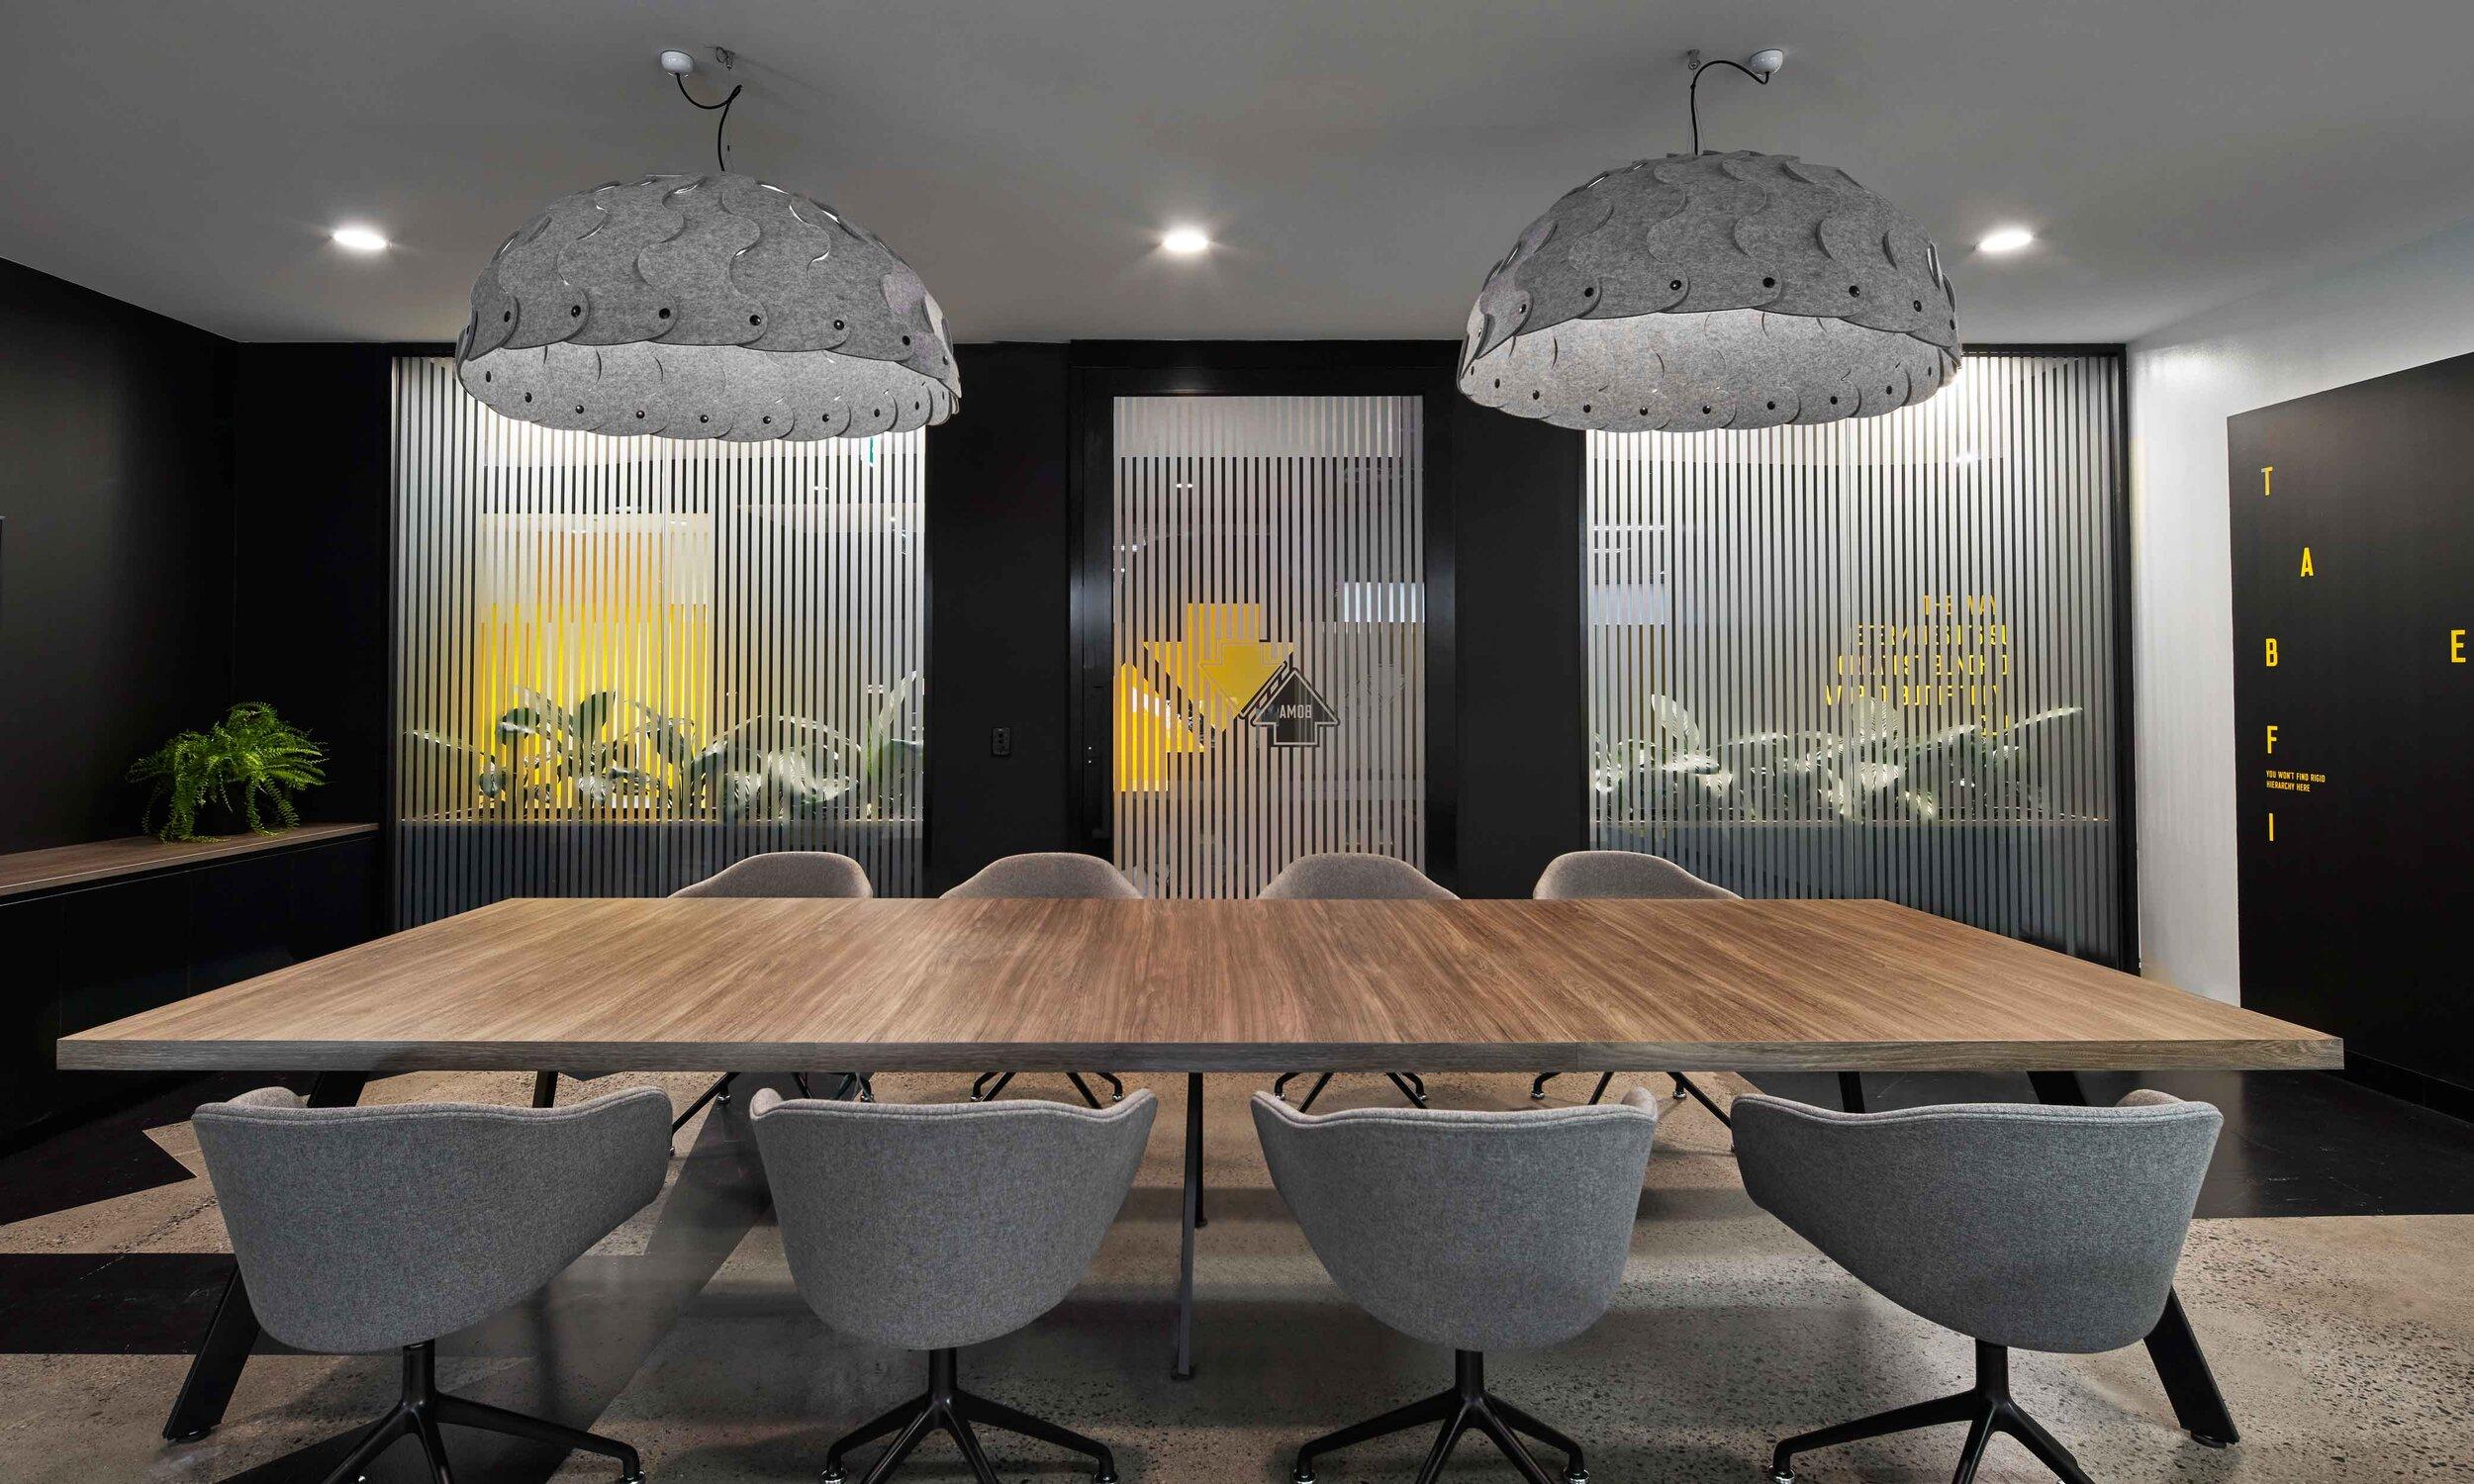 Betfair_Meeting_Room.jpg